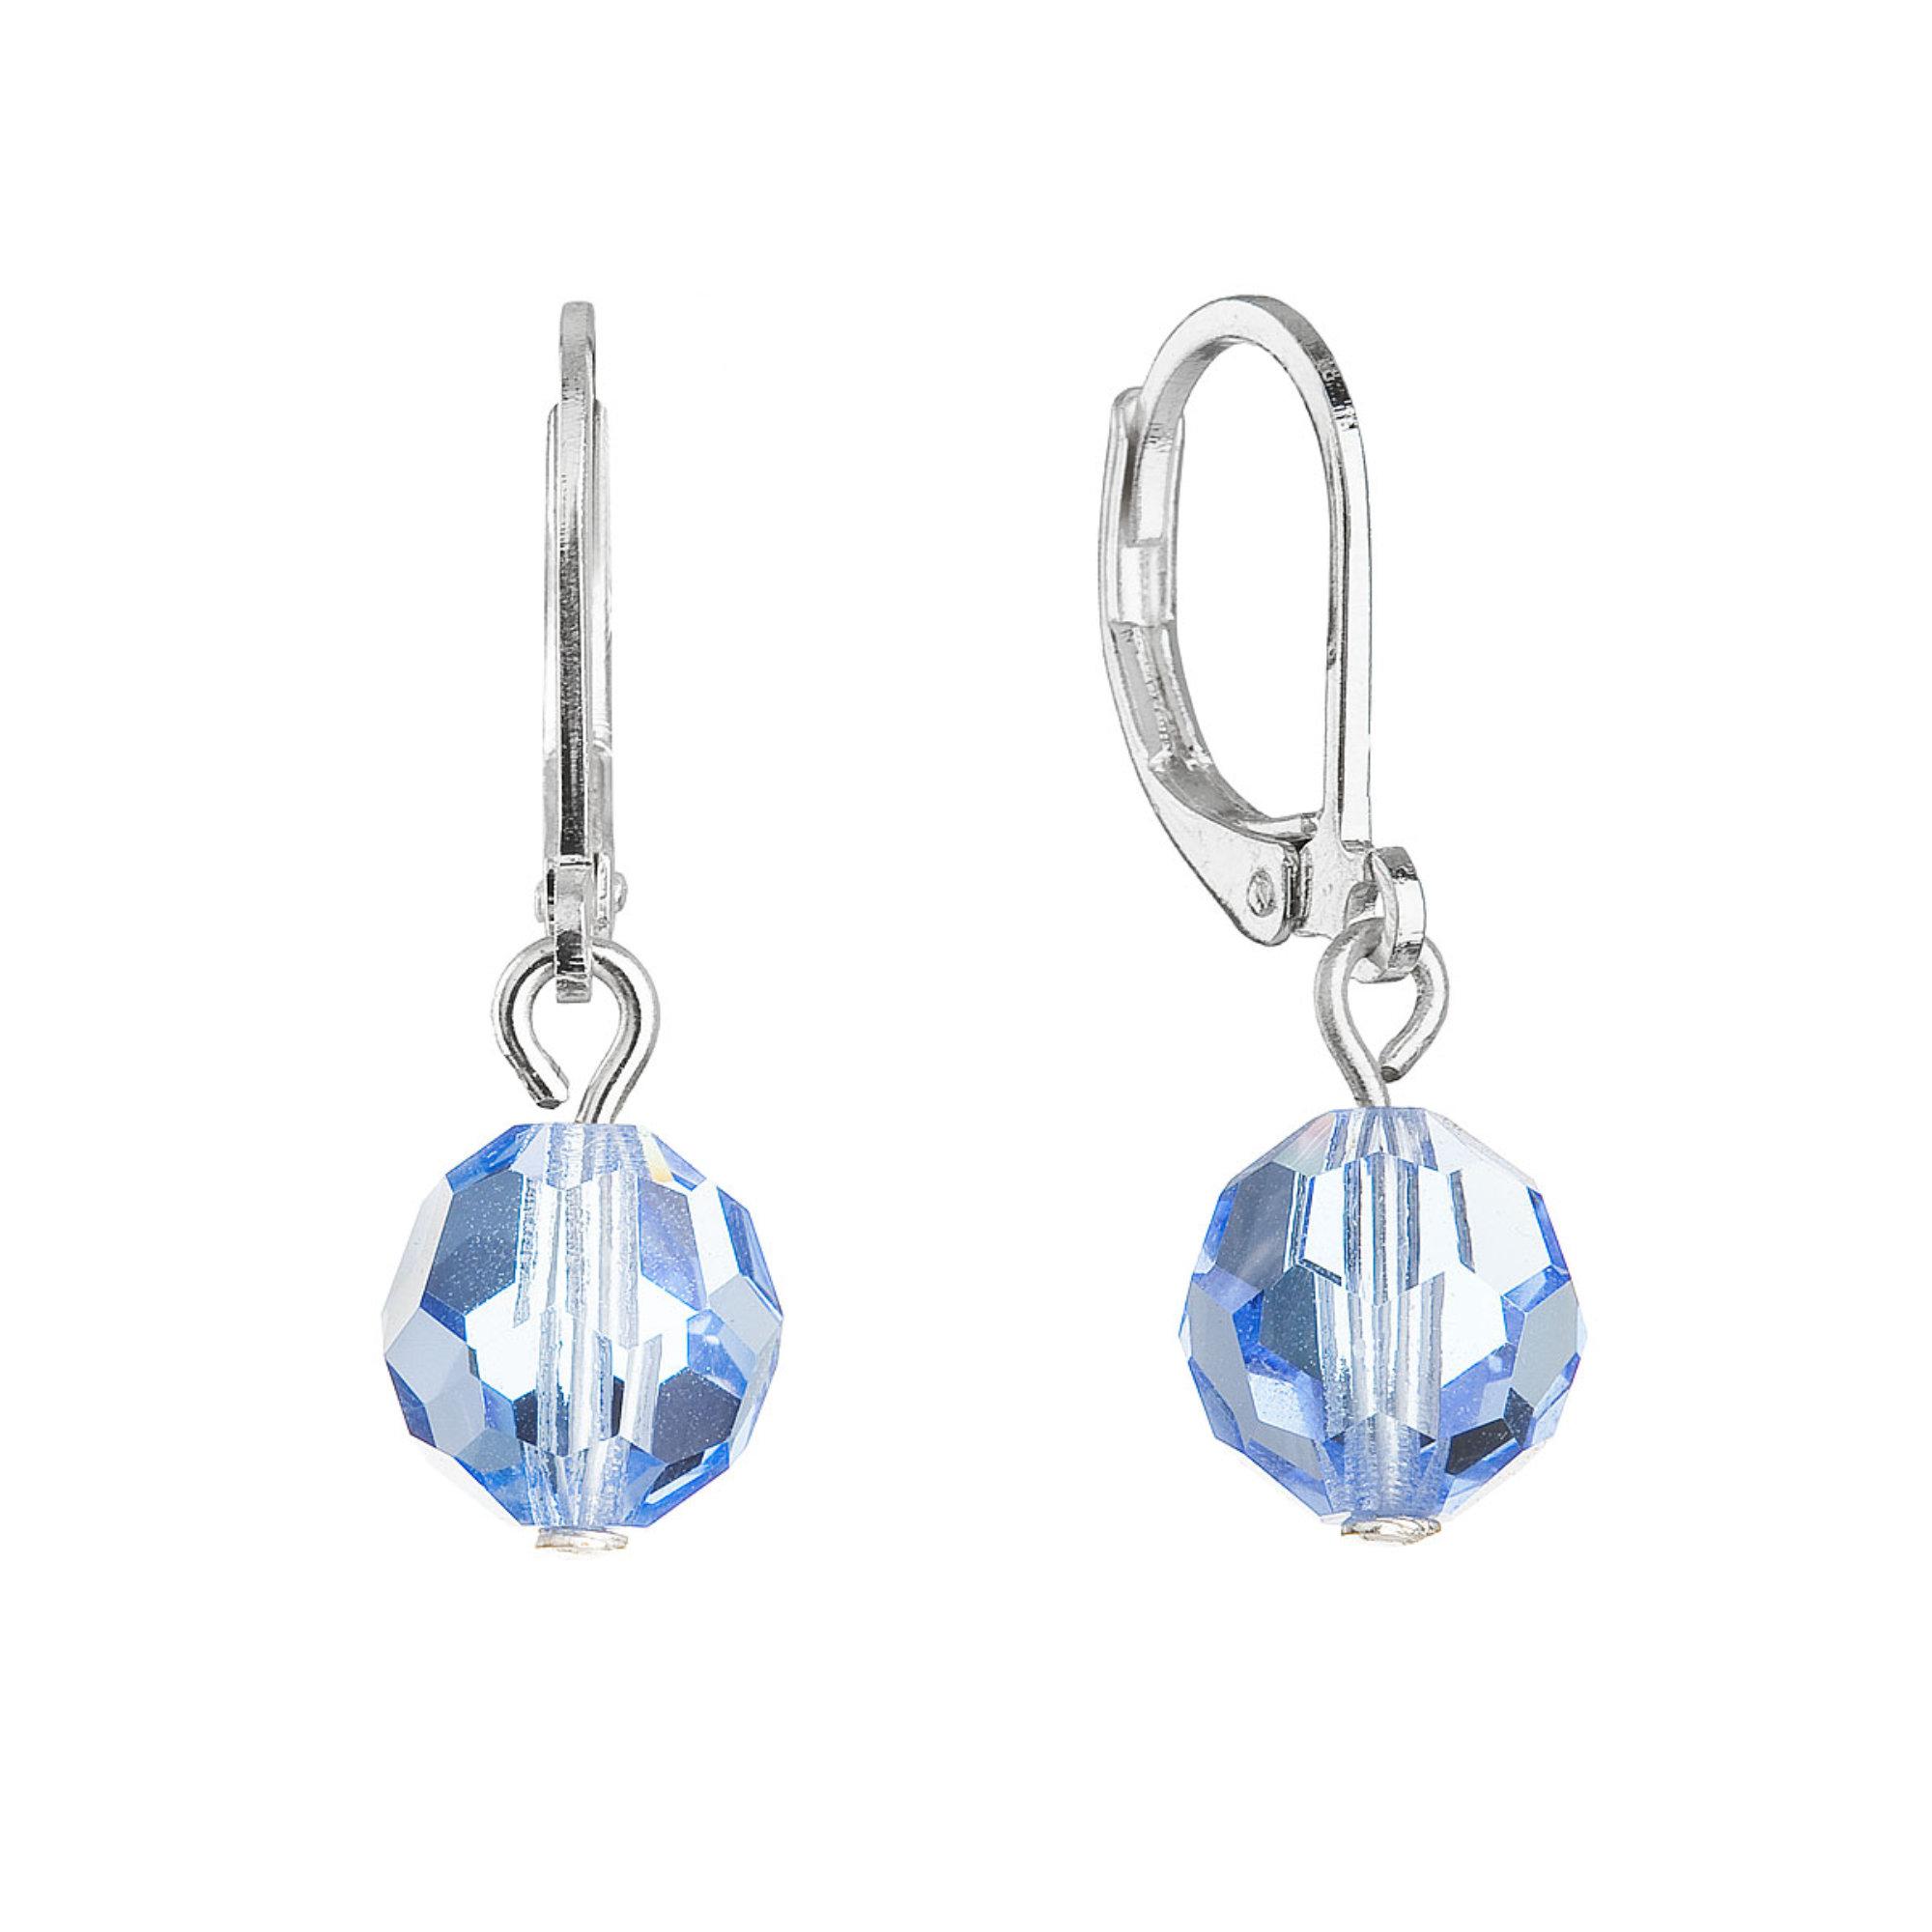 Evolution Group Visací náušnice s modrými krystaly 71130.3 light sapphire